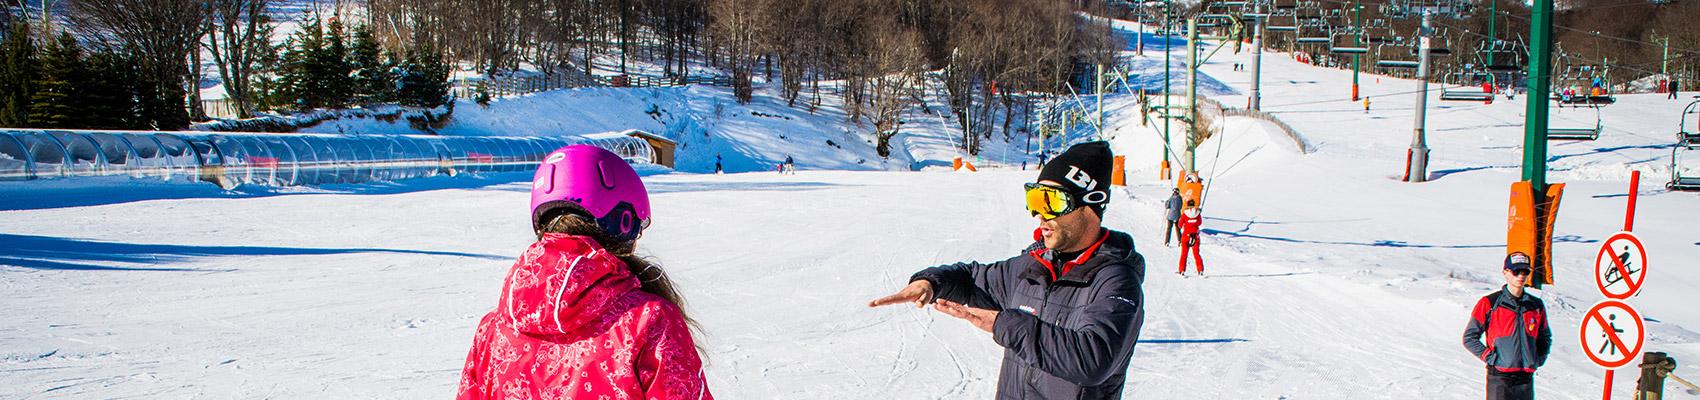 Cours de snowboard avec moniteur privé à Super besse